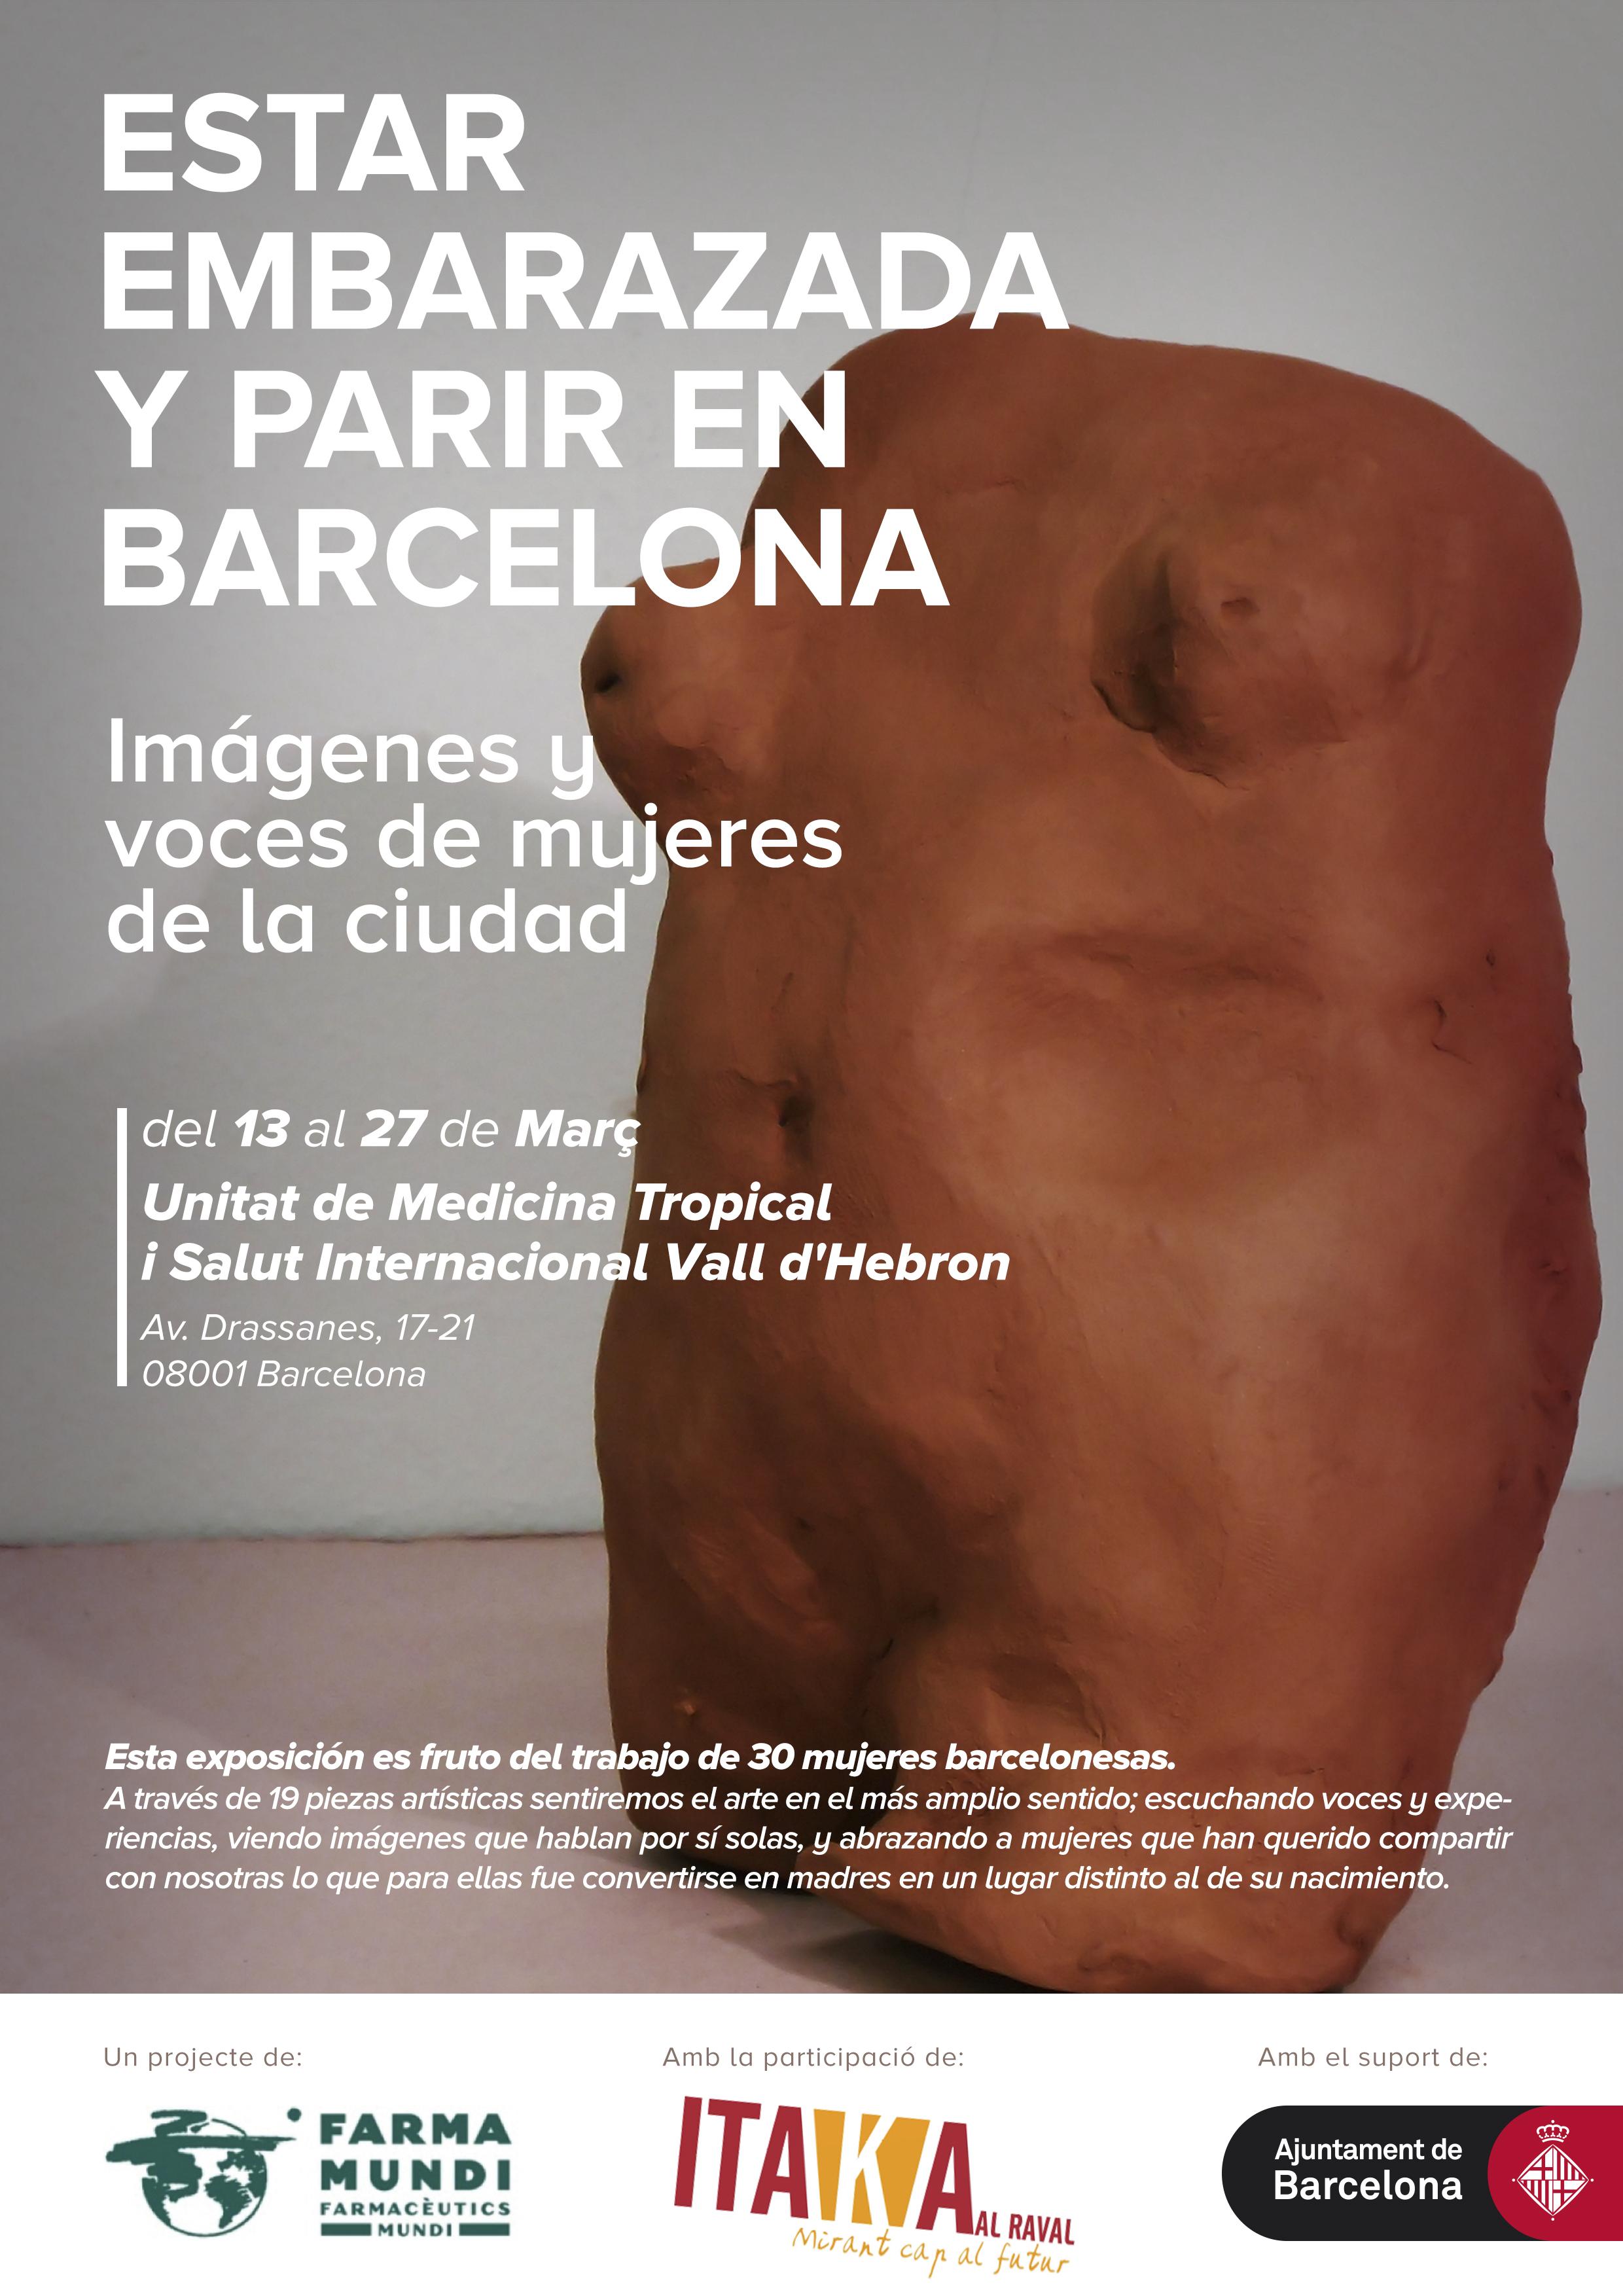 Farmamundi organiza la exposición Estar embarazada y parir en Bacelona